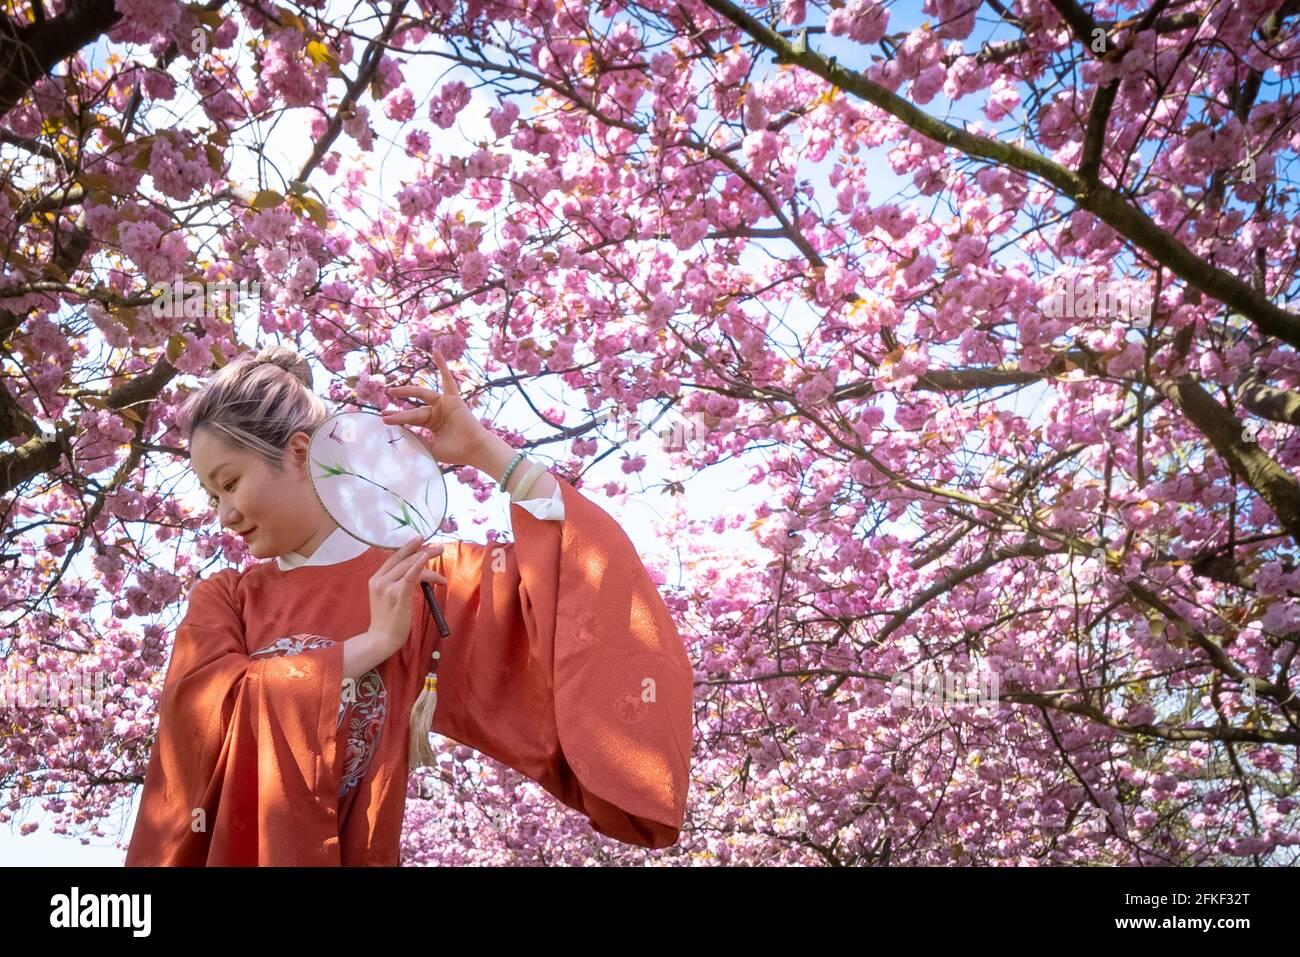 Londres, Reino Unido. 1st de mayo de 2021. Clima en el Reino Unido: El sol florece en Greenwich Park. Yuaner Xu, estudiante de gritos de maestros en la London Contemporary Dance School (LCDS), disfruta del sol soleado de las vacaciones en el banco al hacer una pose cerca de los vibrantes árboles de cerezos en flor en Greenwich Park. Crédito: Guy Corbishley/Alamy Live News Foto de stock